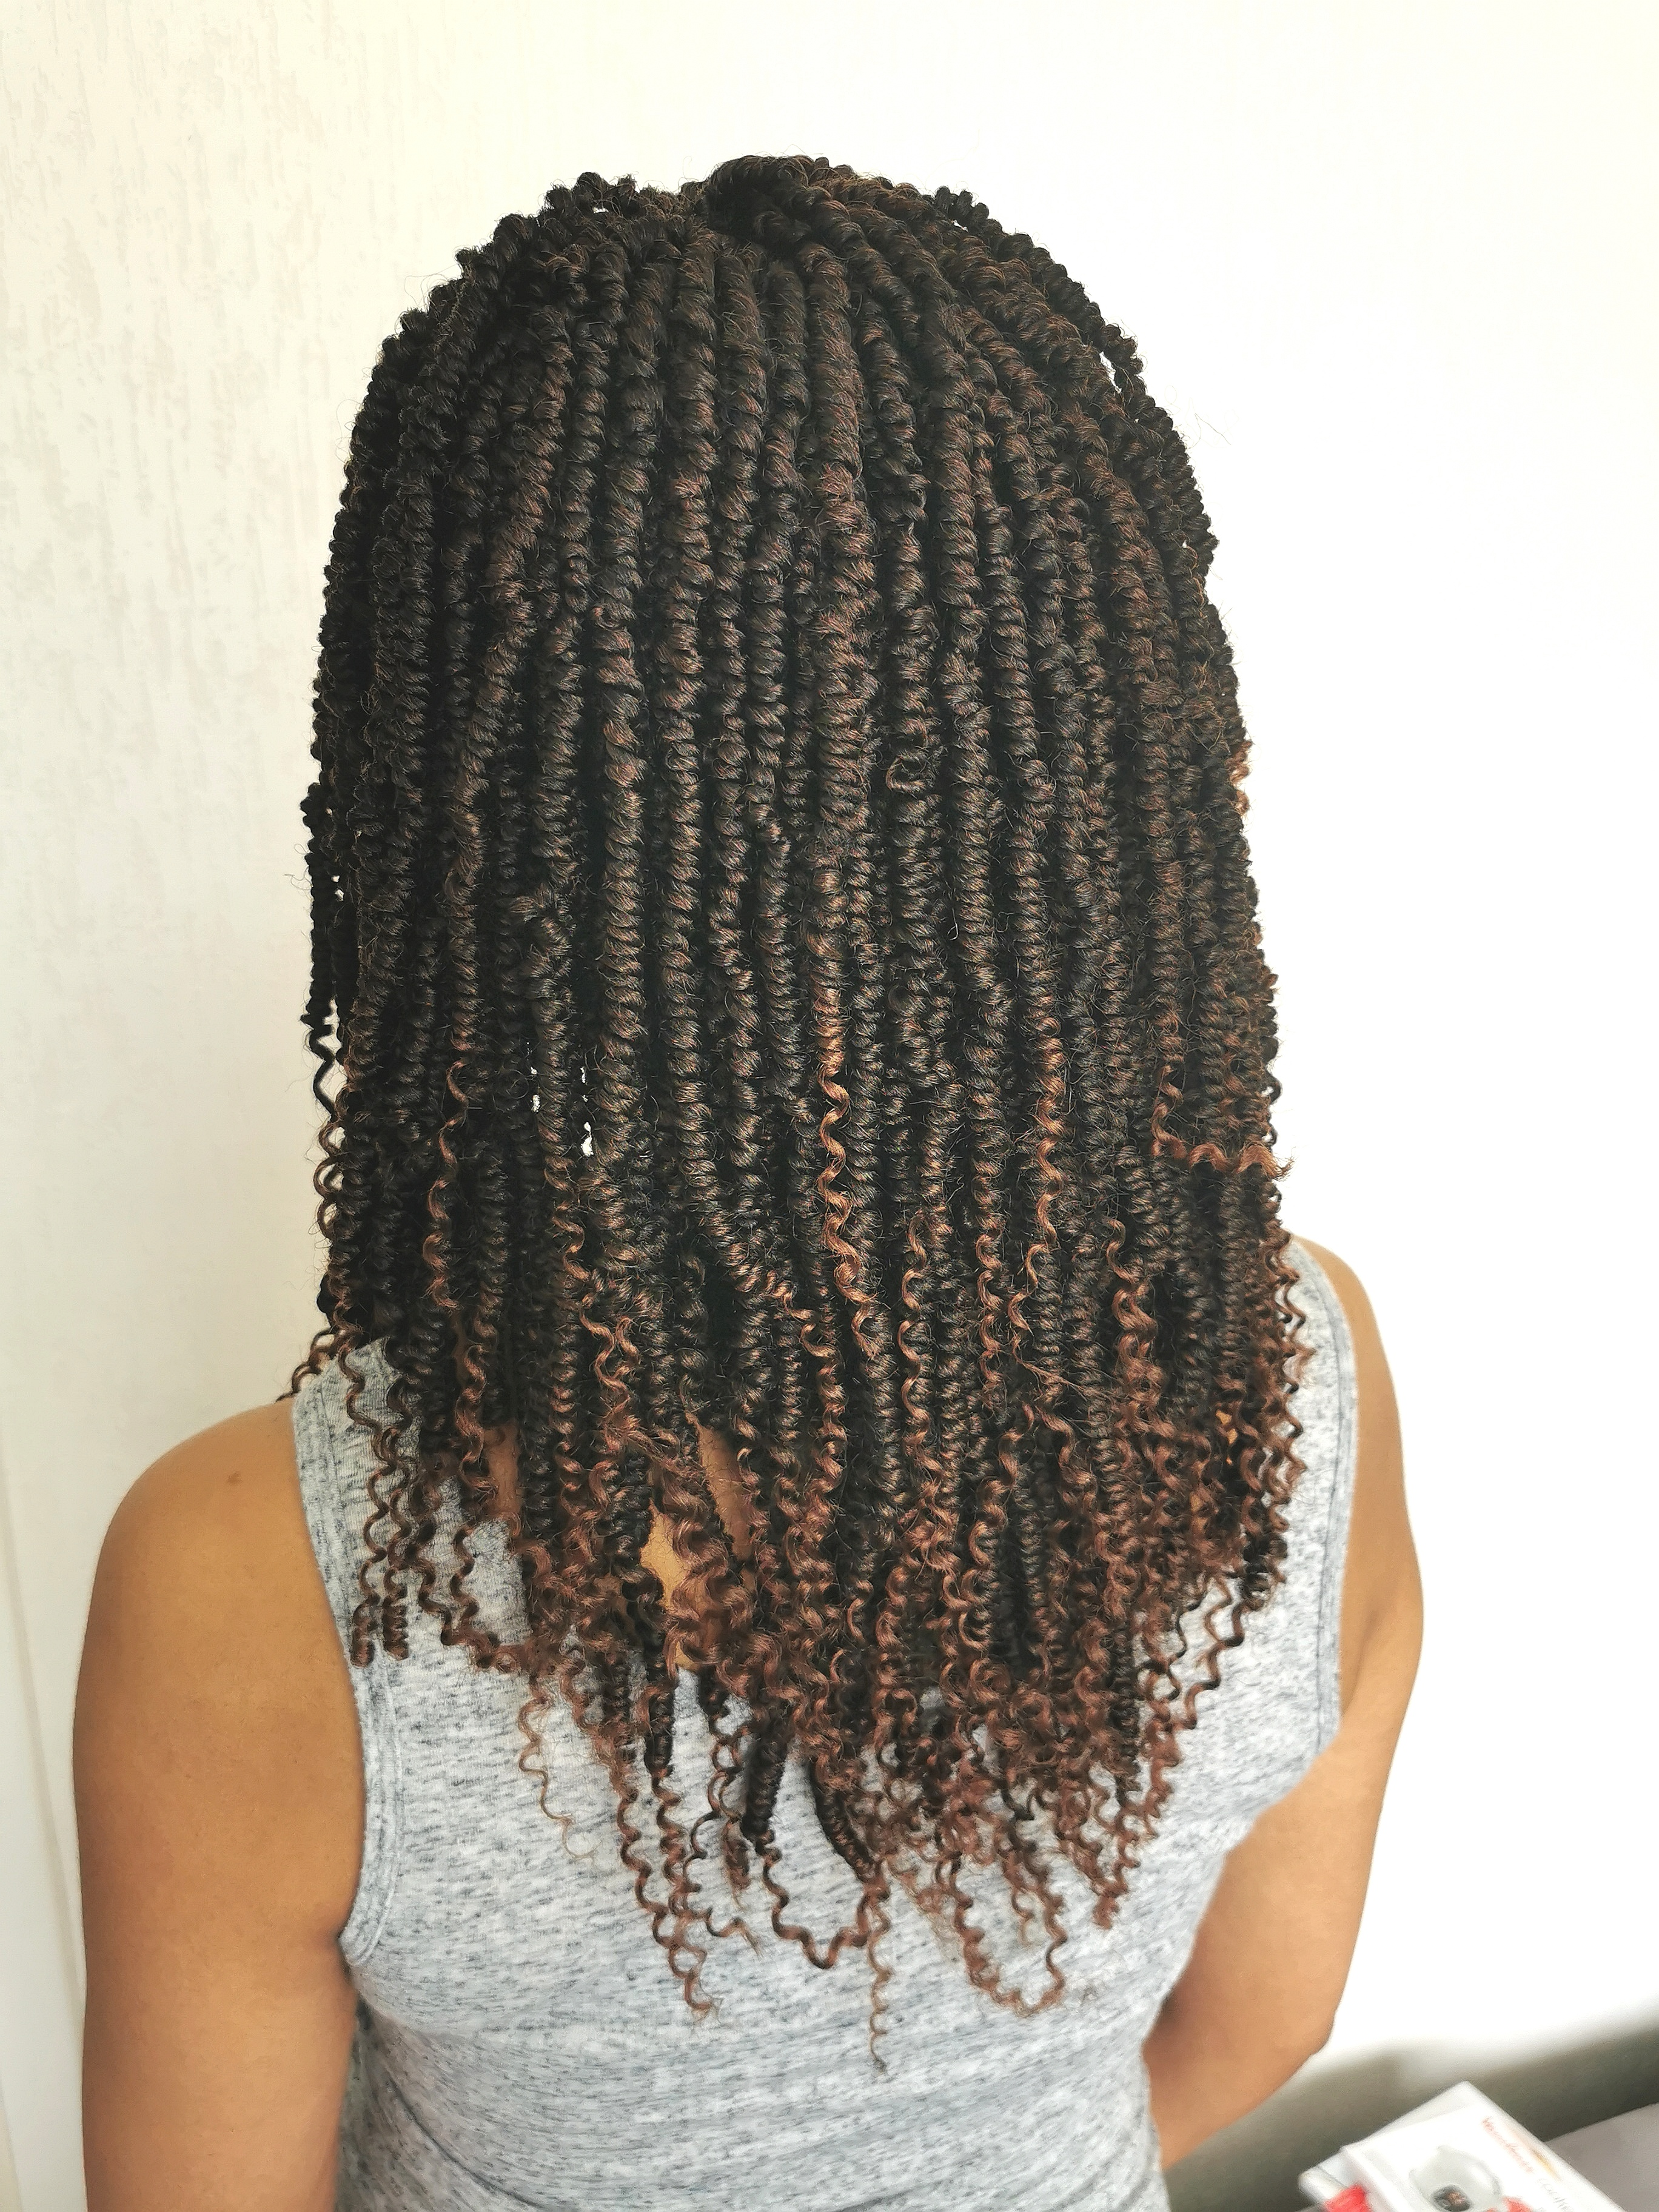 salon de coiffure afro tresse tresses box braids crochet braids vanilles tissages paris 75 77 78 91 92 93 94 95 CLTGBLRH